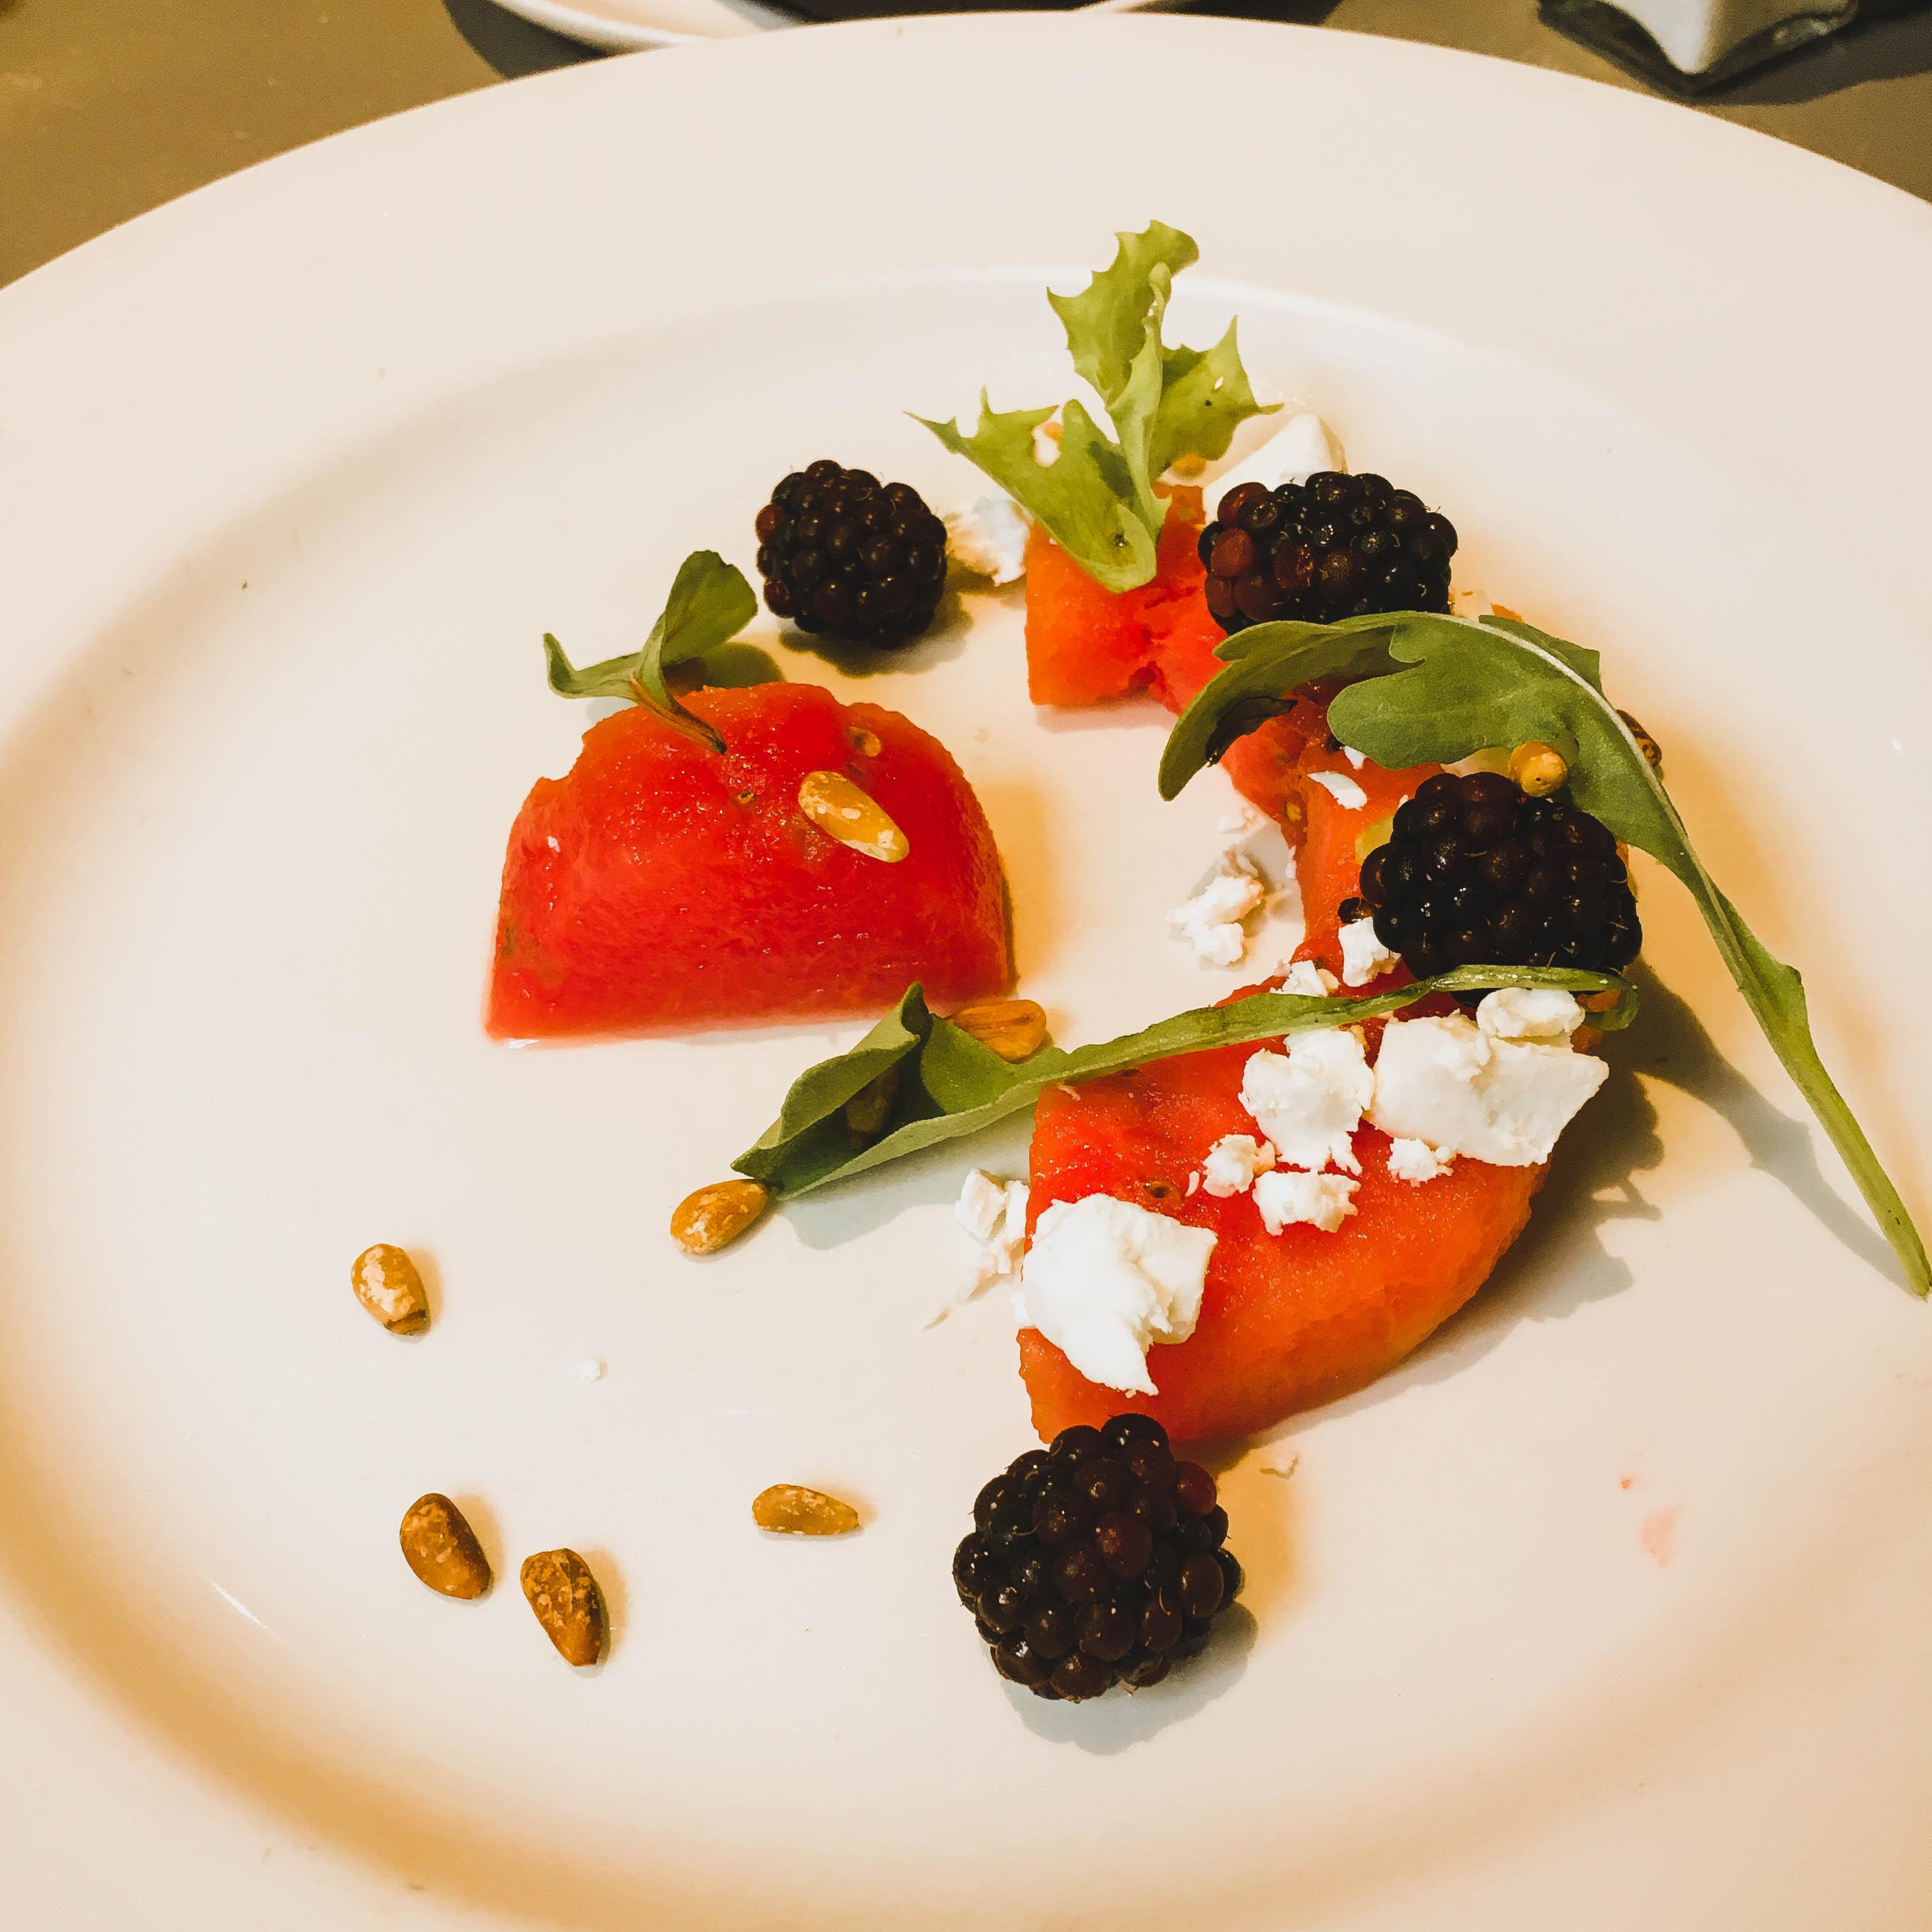 pulcinella cleveleys watermelon salad